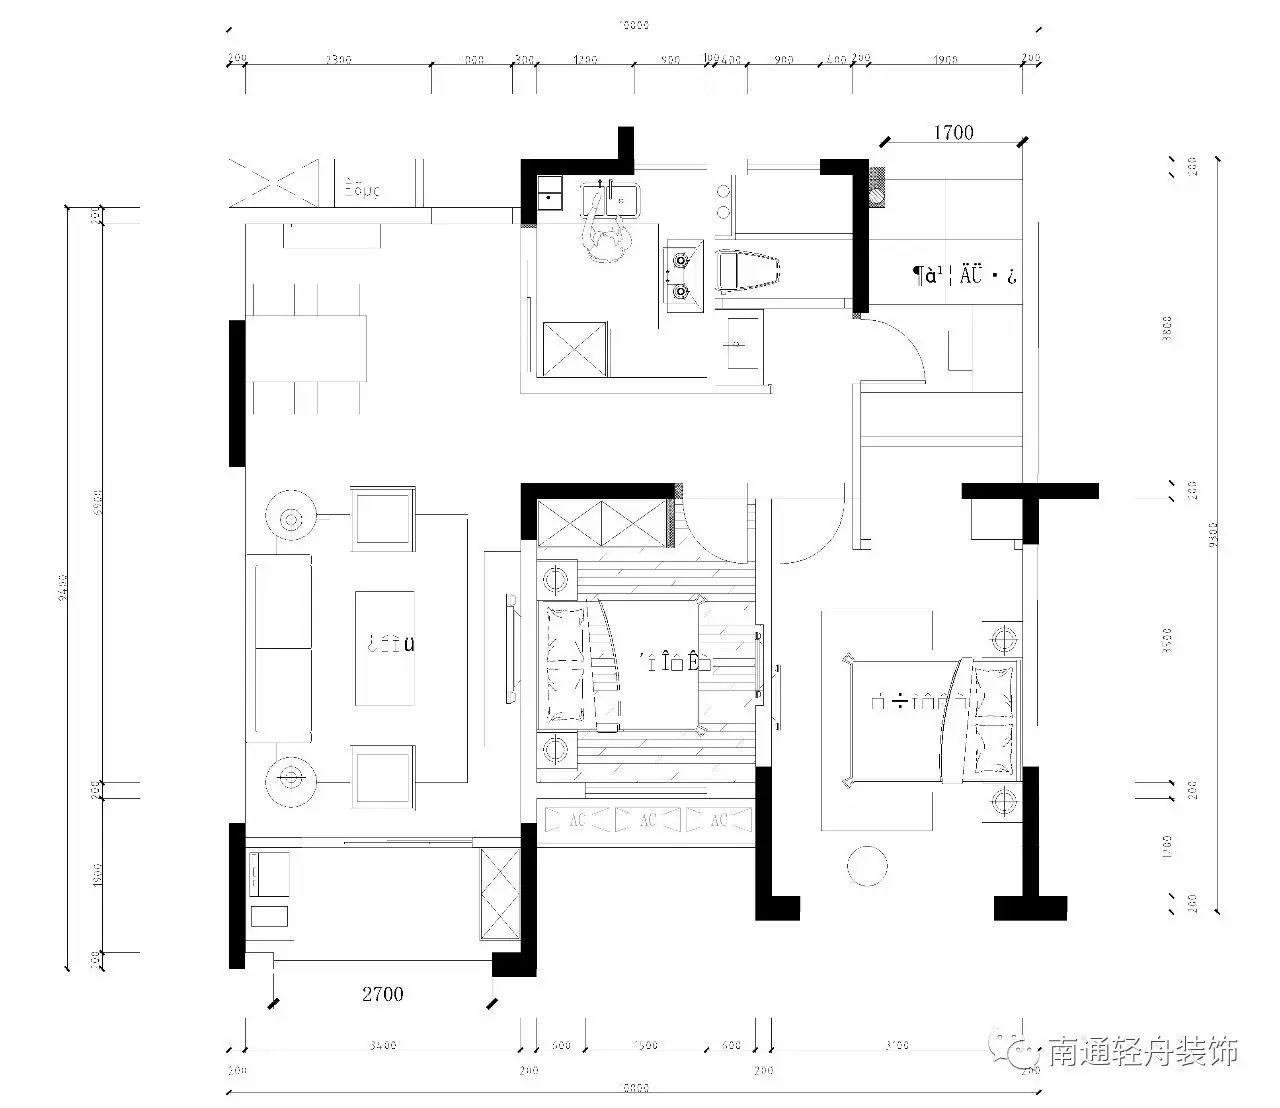 【轻舟装饰】江磊·设计师作品案例欣赏